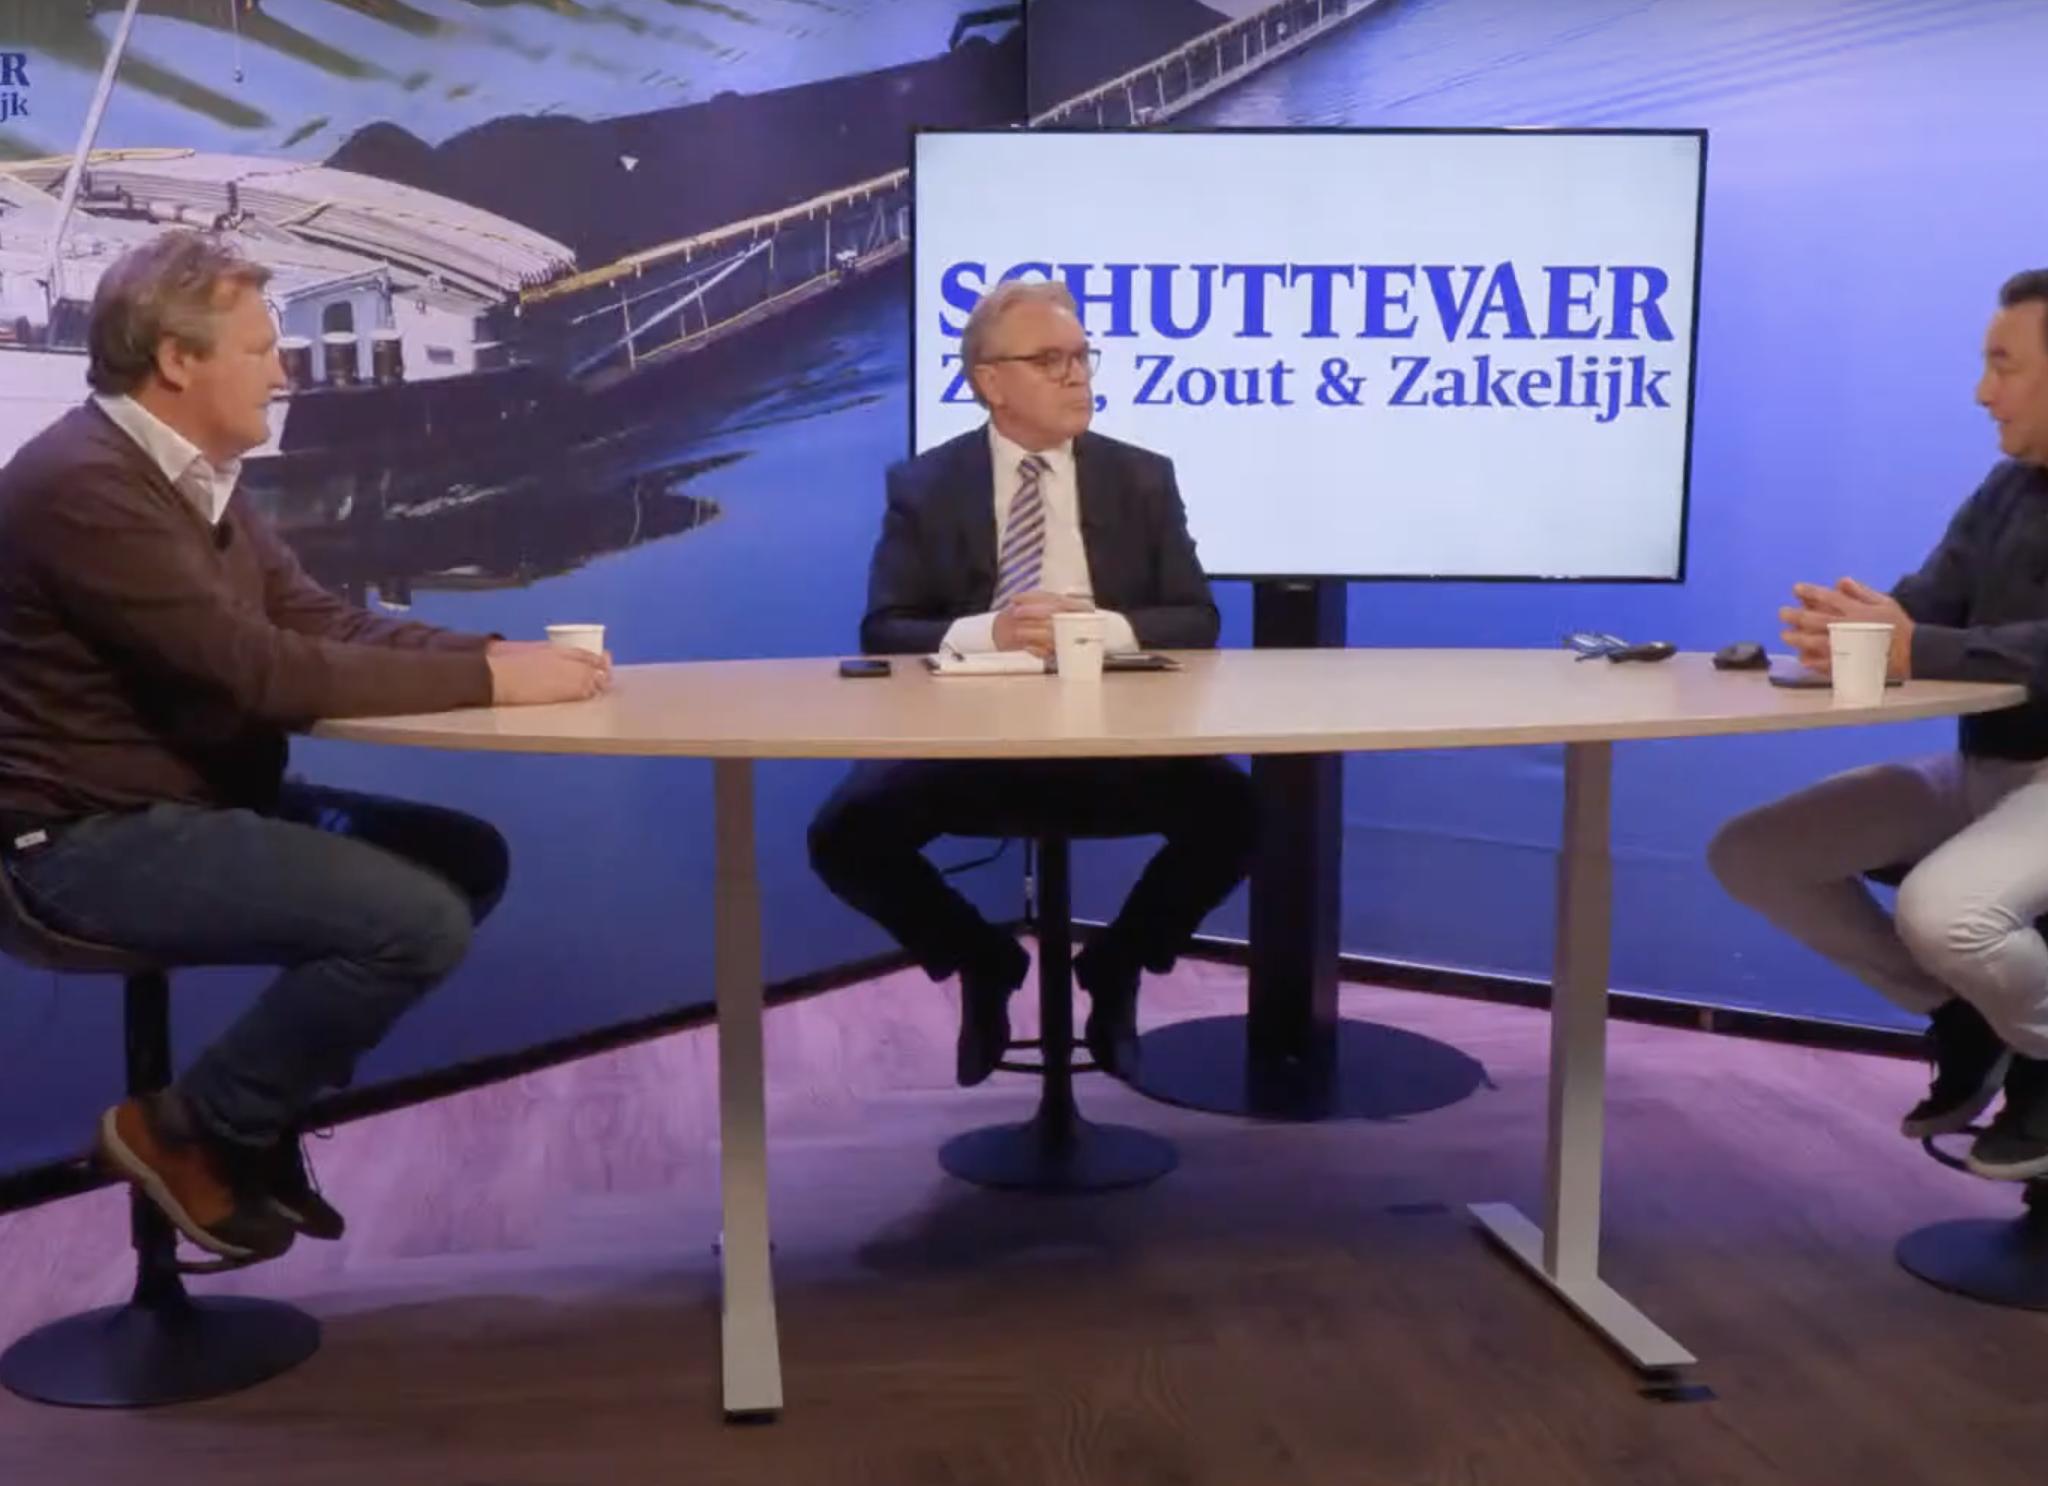 Diederik-Jan Antvelink, Kees de Vries en René Quist aan tafel in gesprek over de verduurzamingstrend. (Beeld uit video)